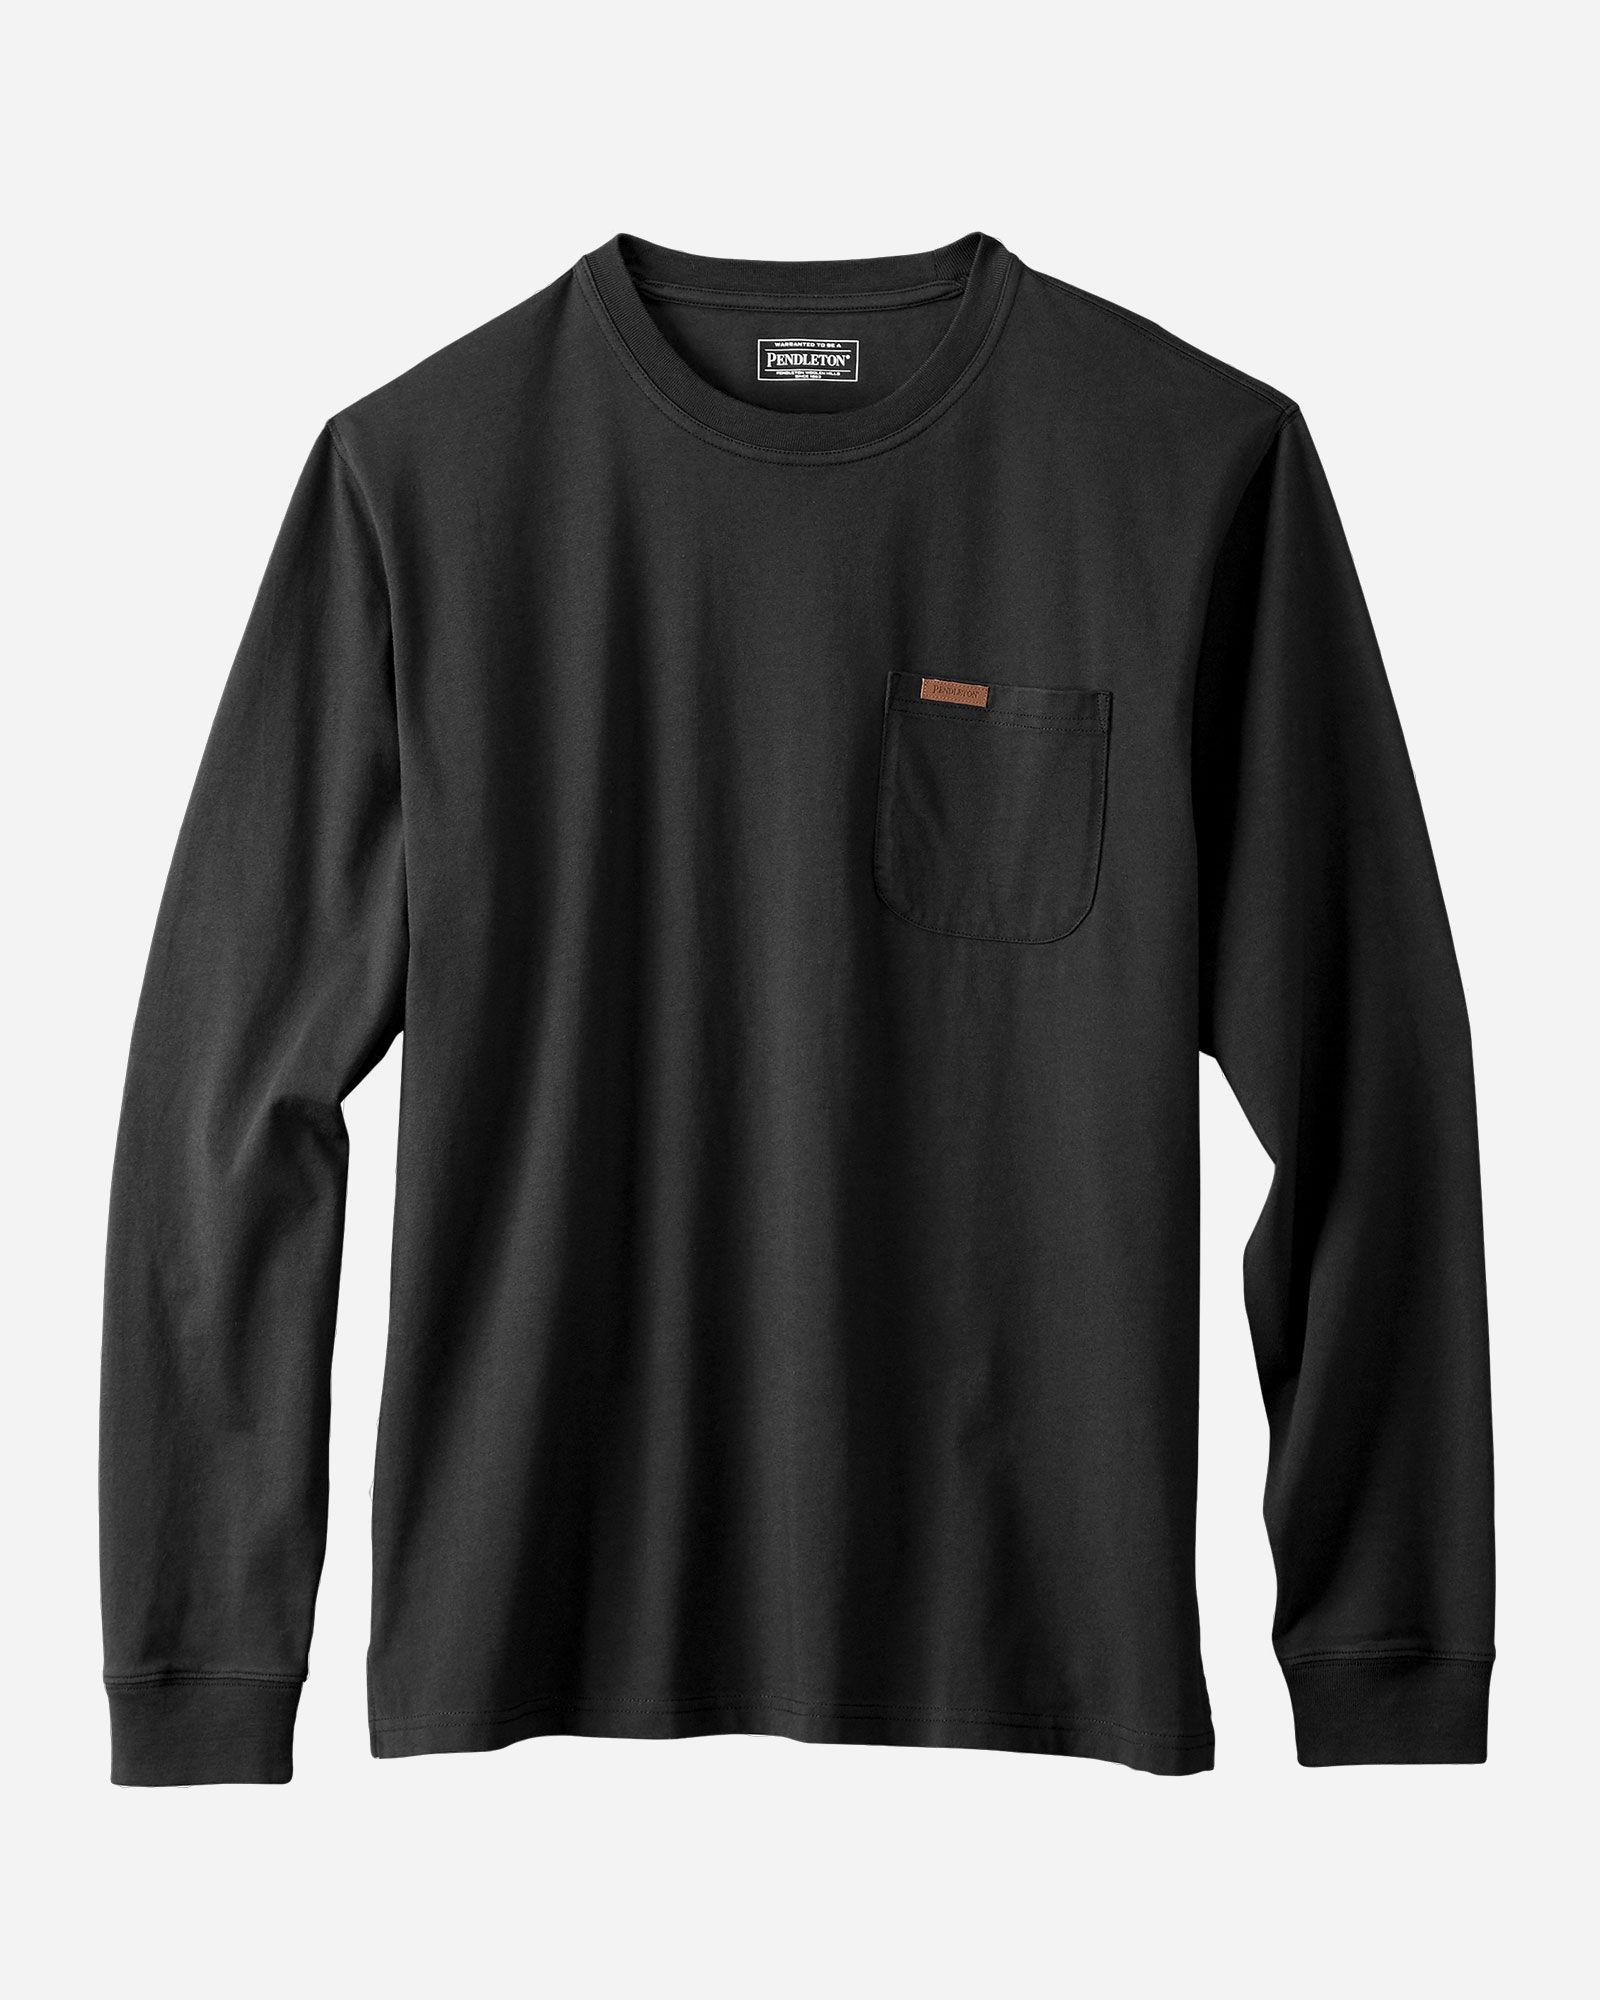 Men S Long Sleeve Deschutes Pocket Tee Shirt In 2020 Long Sleeve